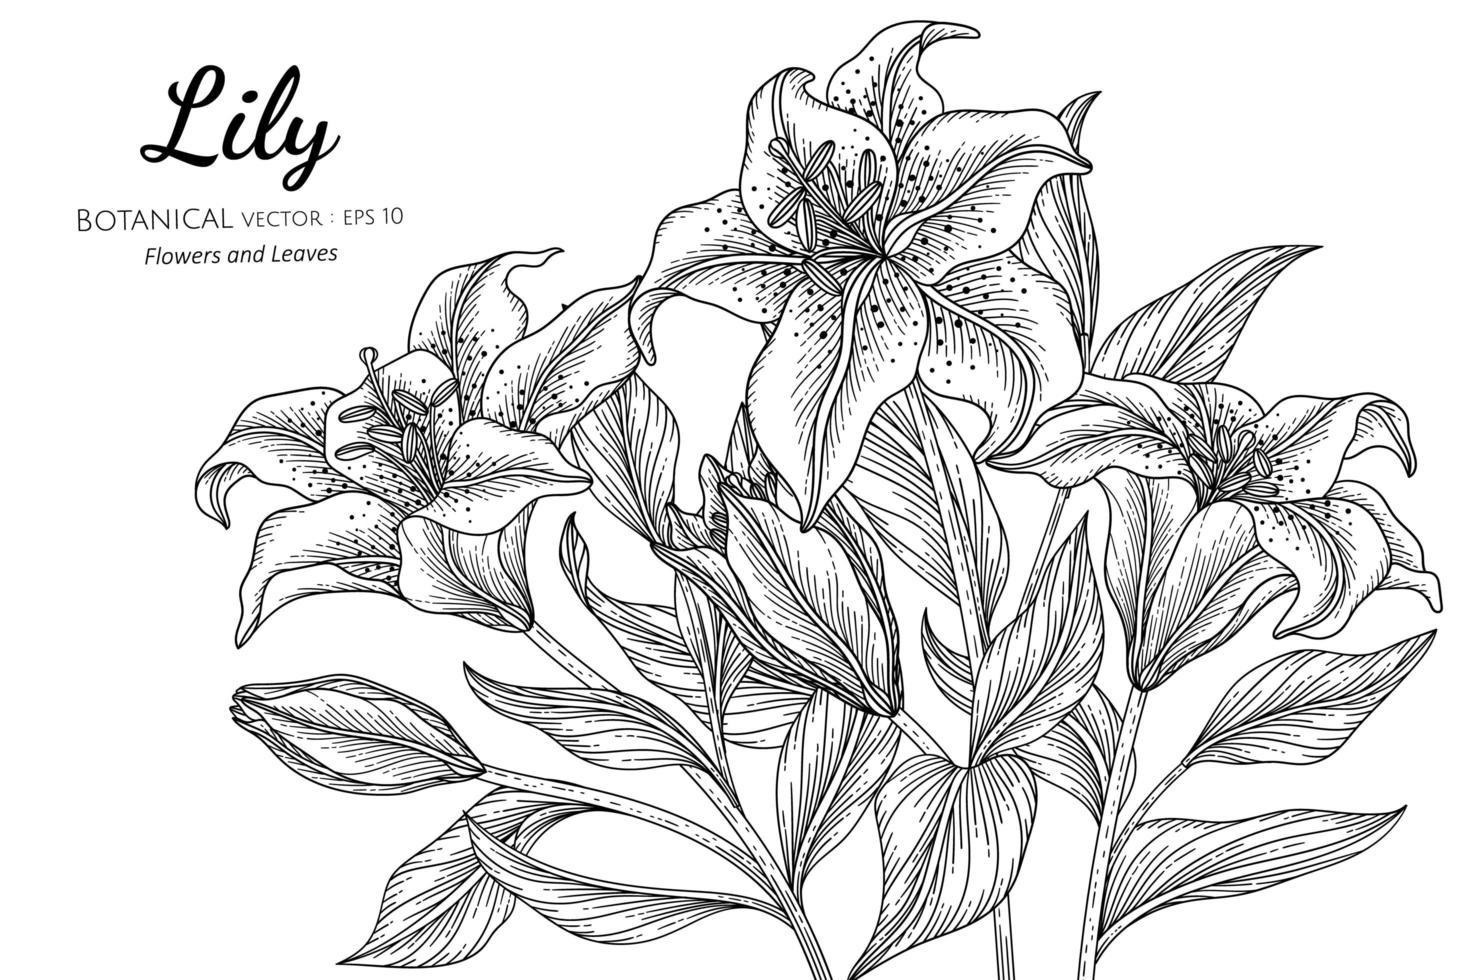 buquê de flores e folhas de lírio de mão desenhada vetor